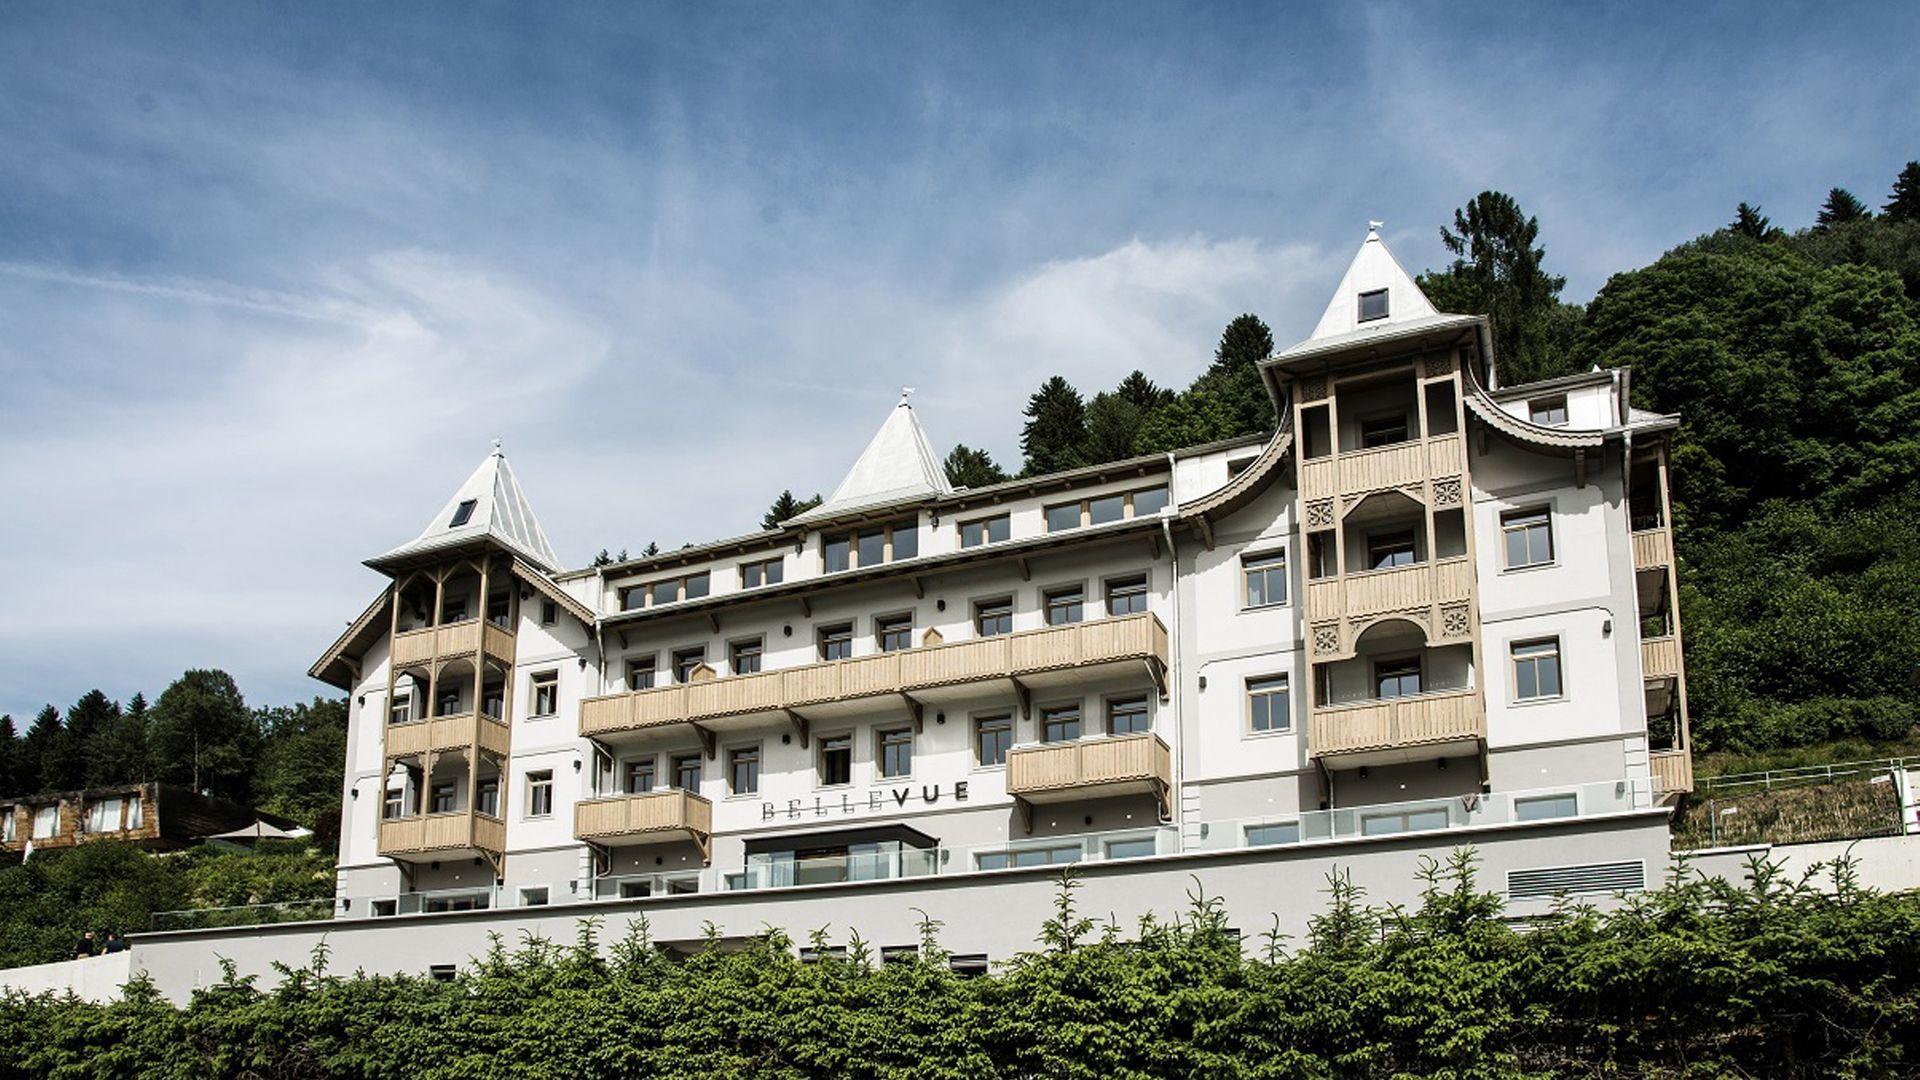 4*S Seehotel Bellevue